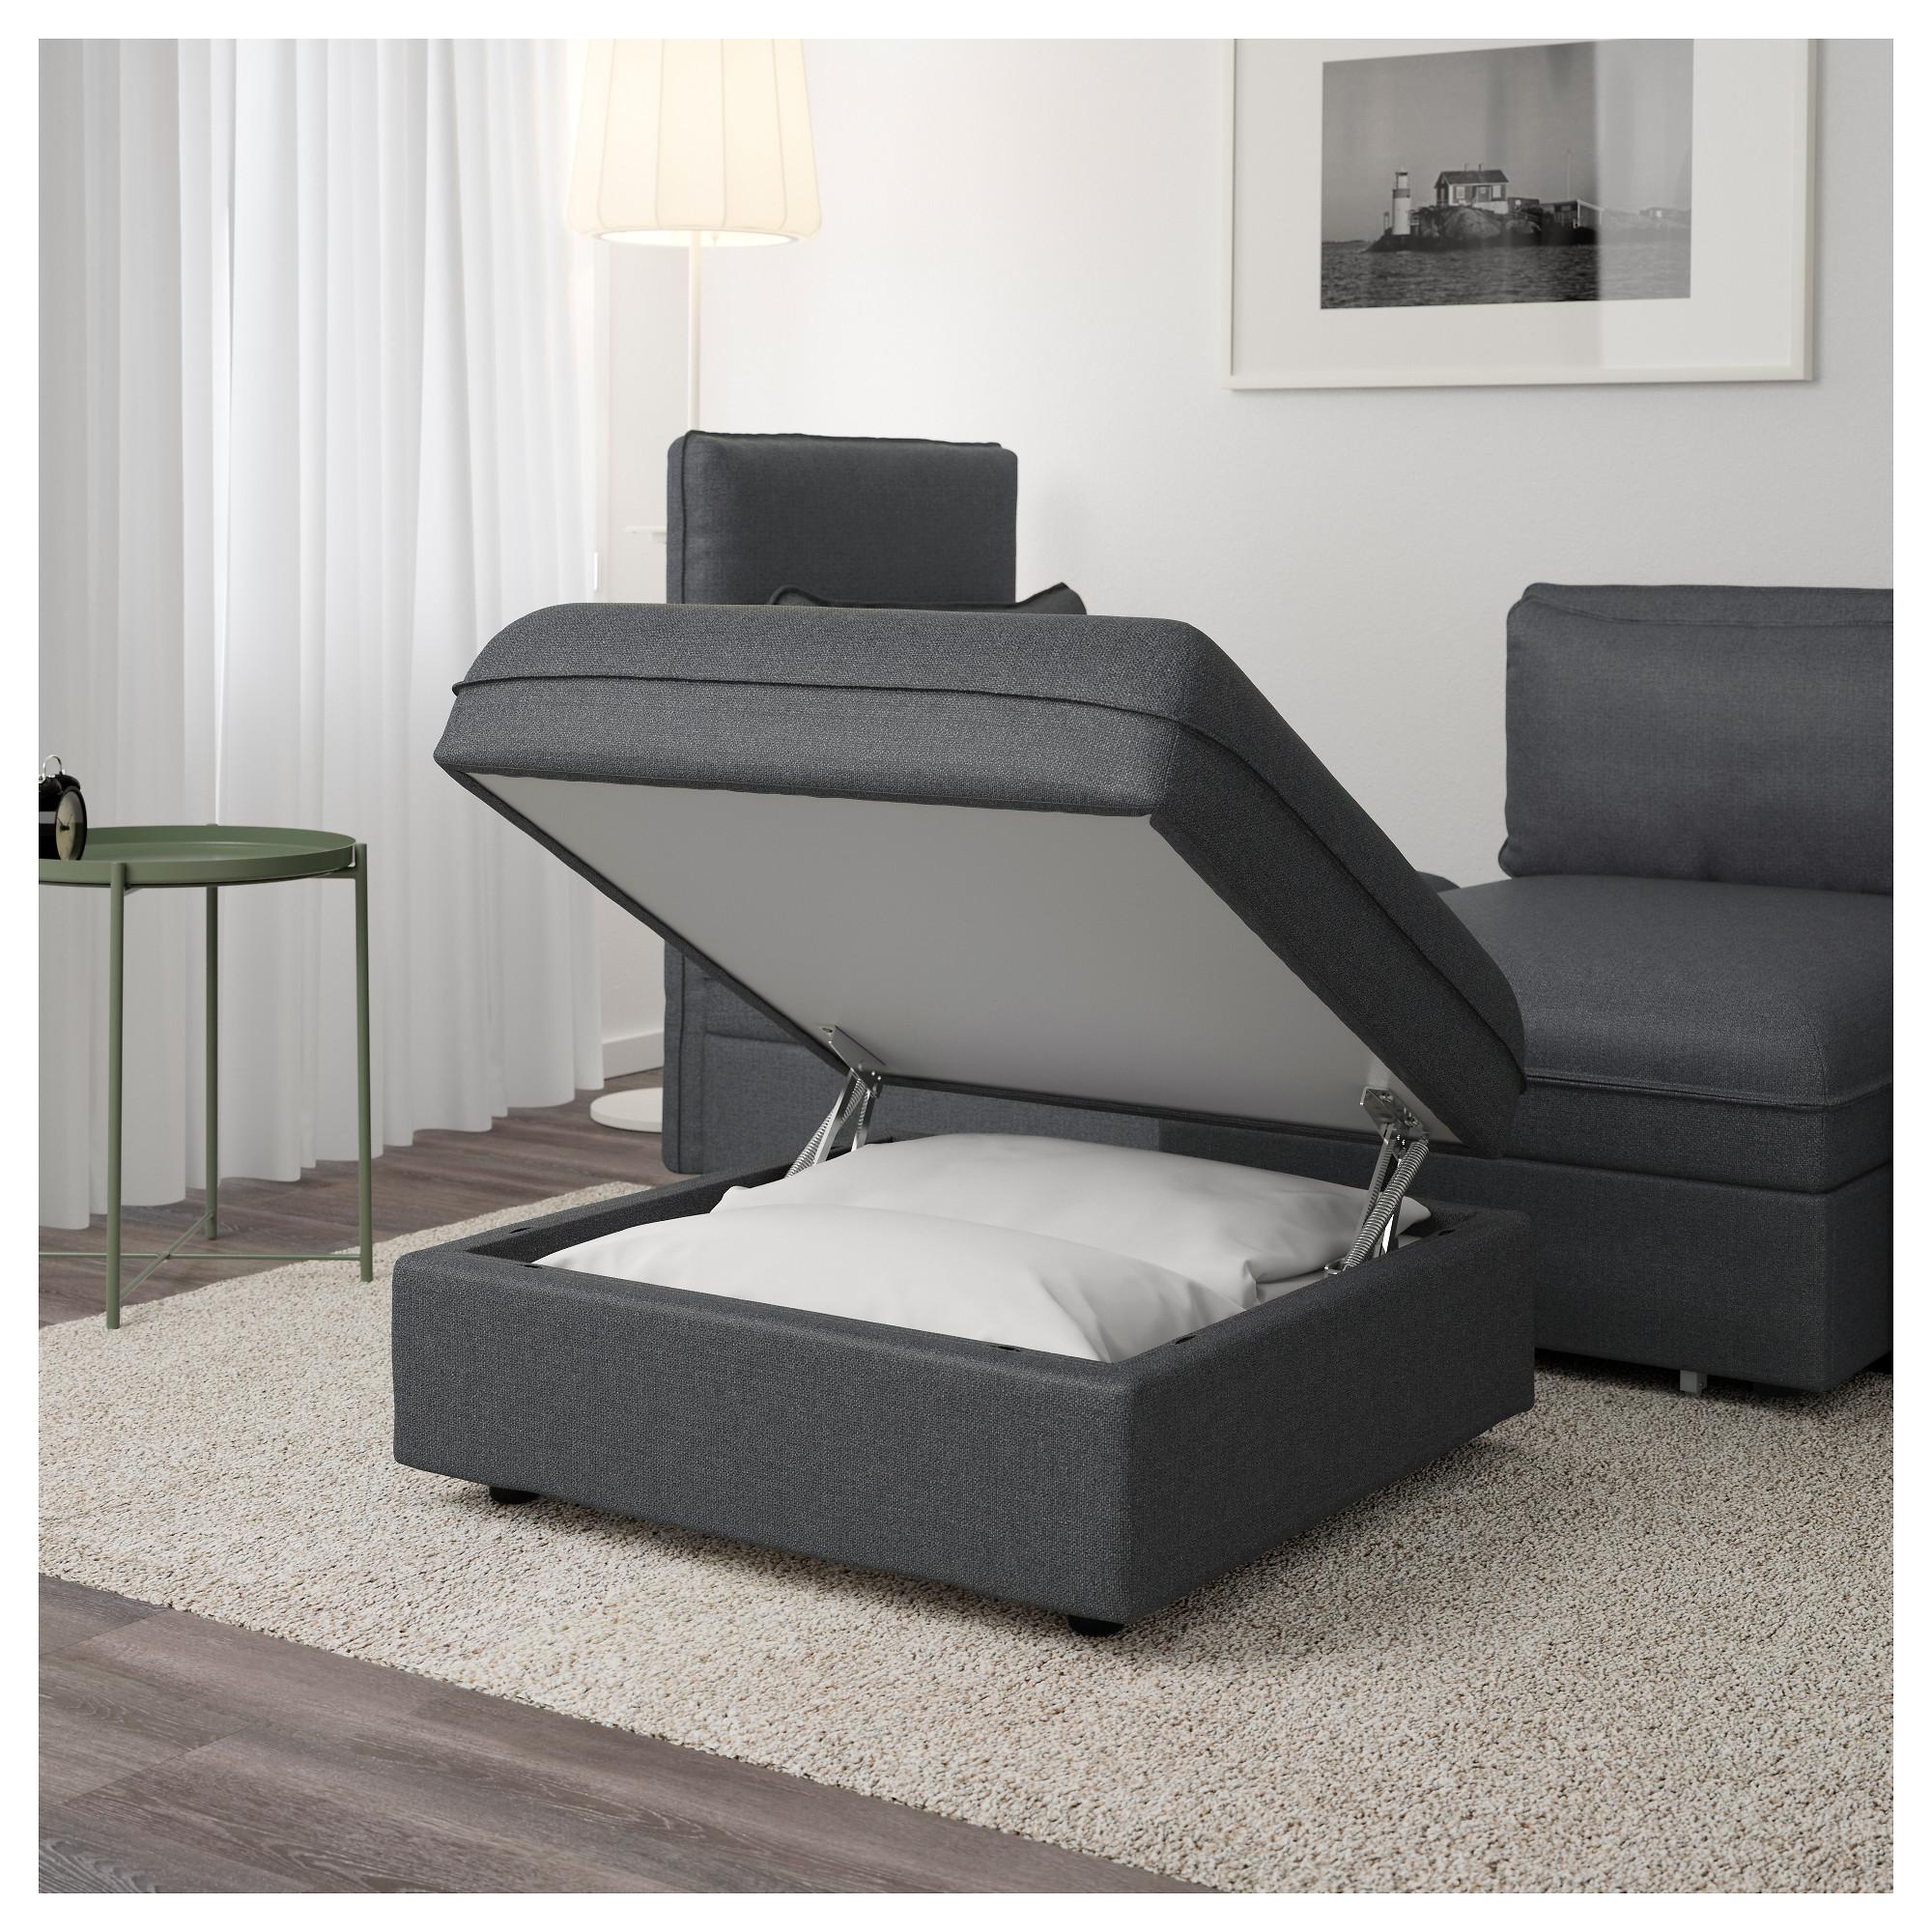 Секция дивана+отделение для хранения ВАЛЛЕНТУНА темно-серый артикуль № 992.825.62 в наличии. Интернет каталог IKEA Минск. Недорогая доставка и монтаж.